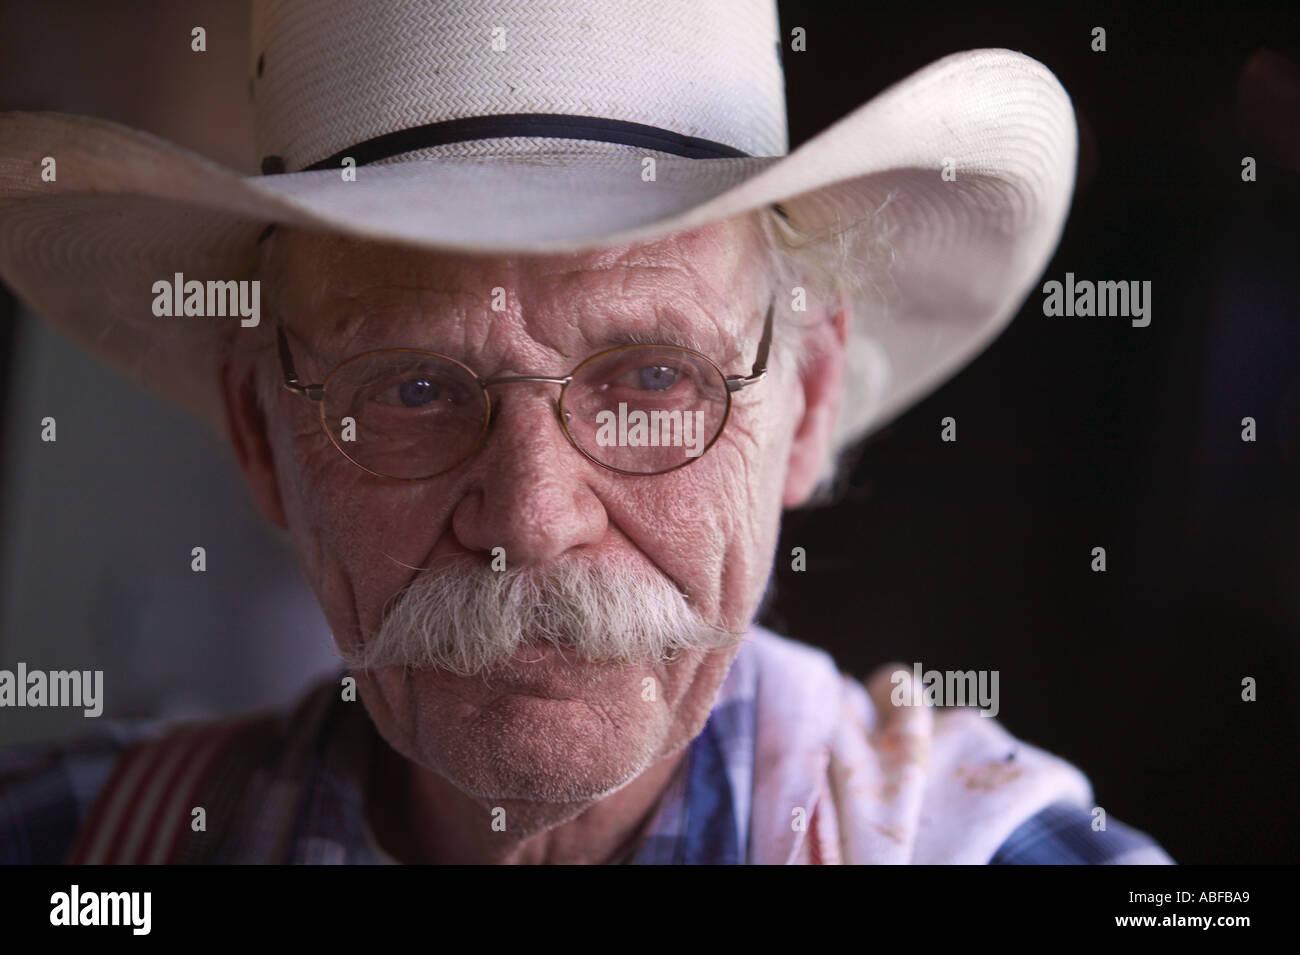 Portrait of a cowboy - Stock Image